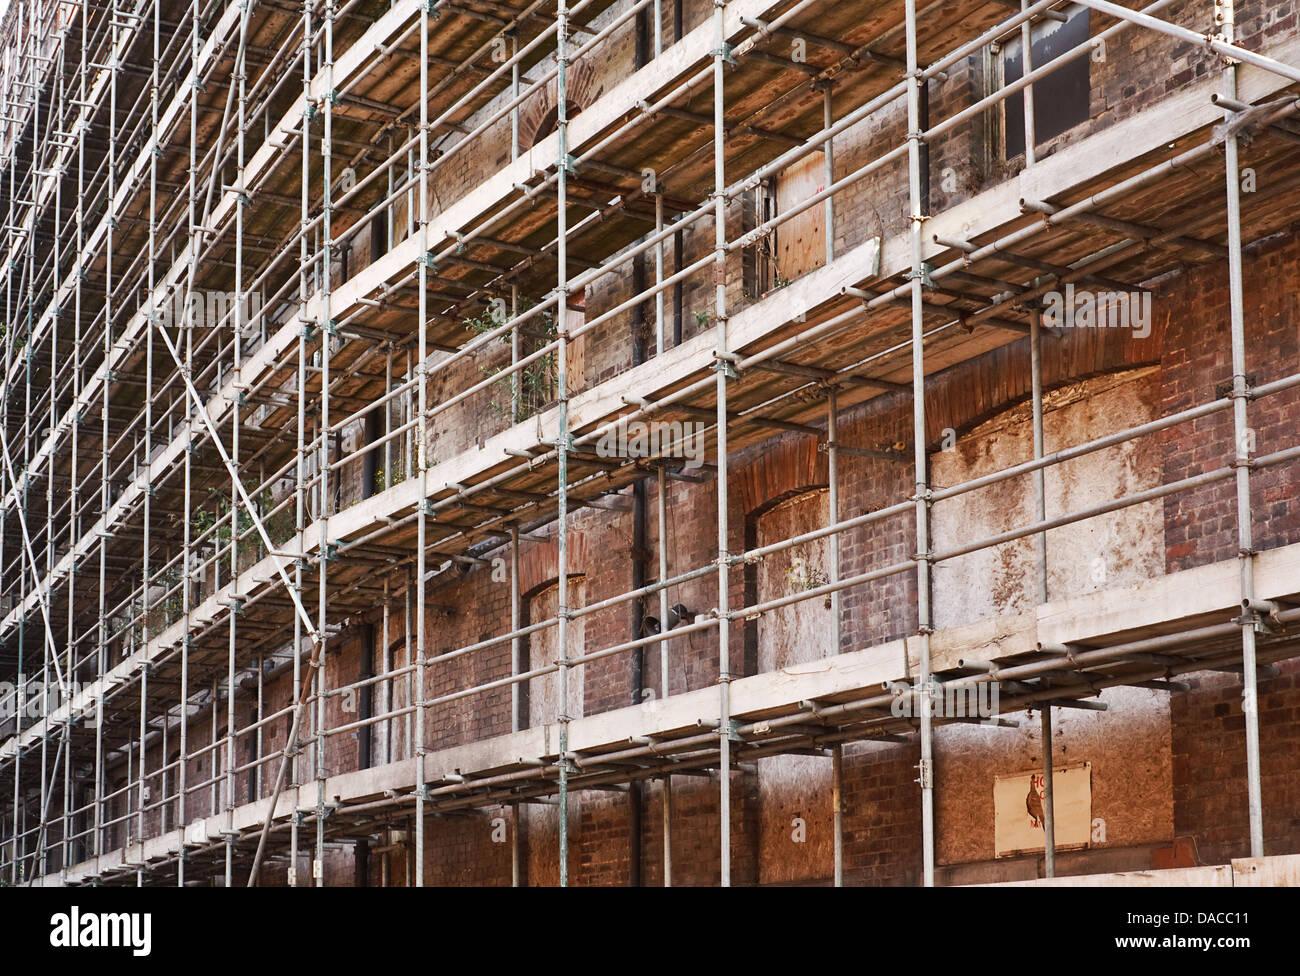 Gerüste, die Unterstützung von eines alten verfallenen Gebäudes Stockbild